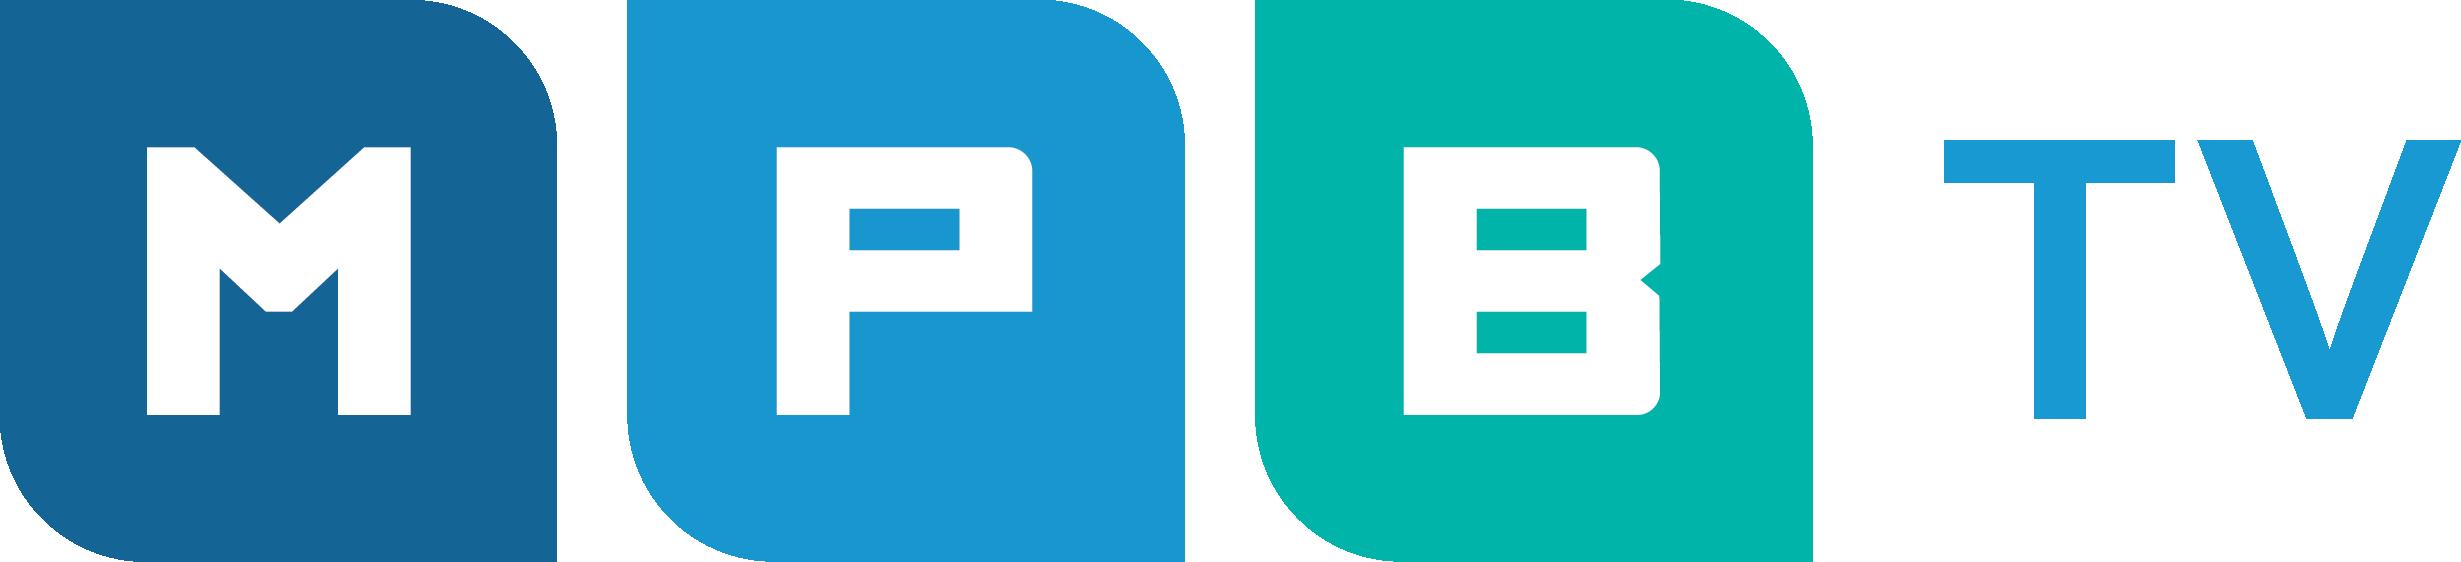 MPBTV_logo.png